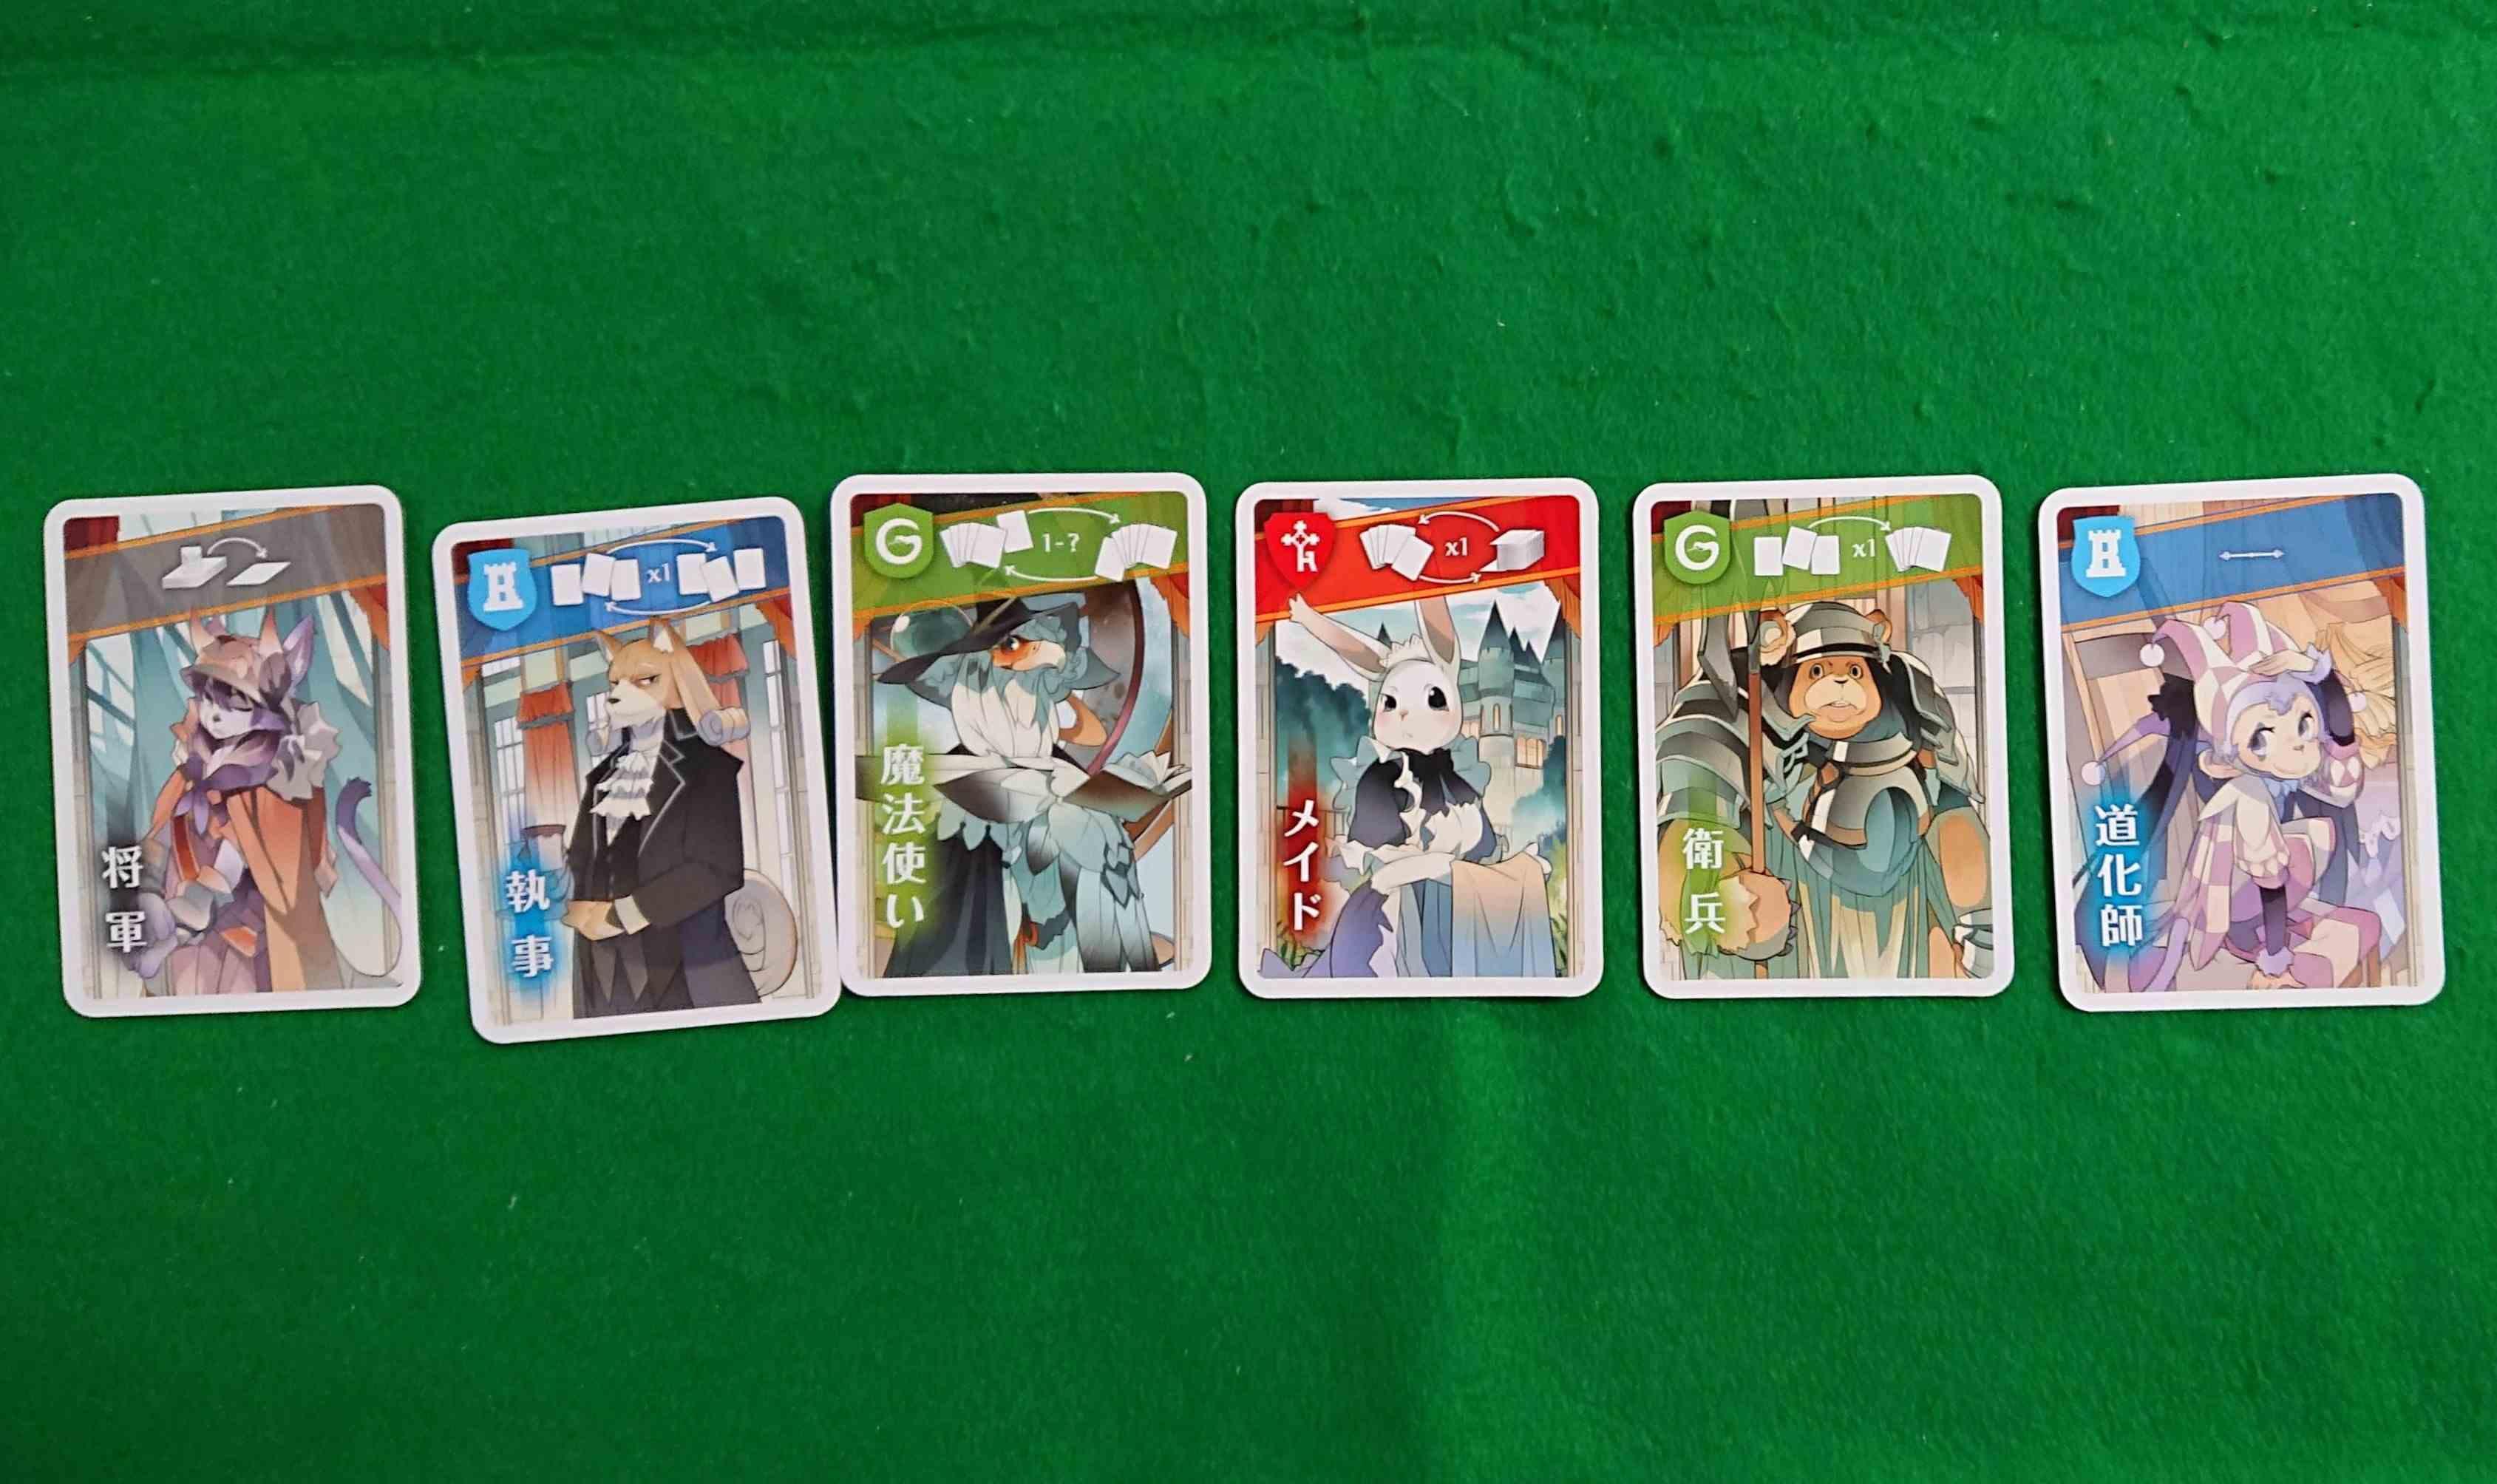 王宮のささやき 手番が自分に回ってきませんように!? 我慢比べのカードゲーム ボードゲーム